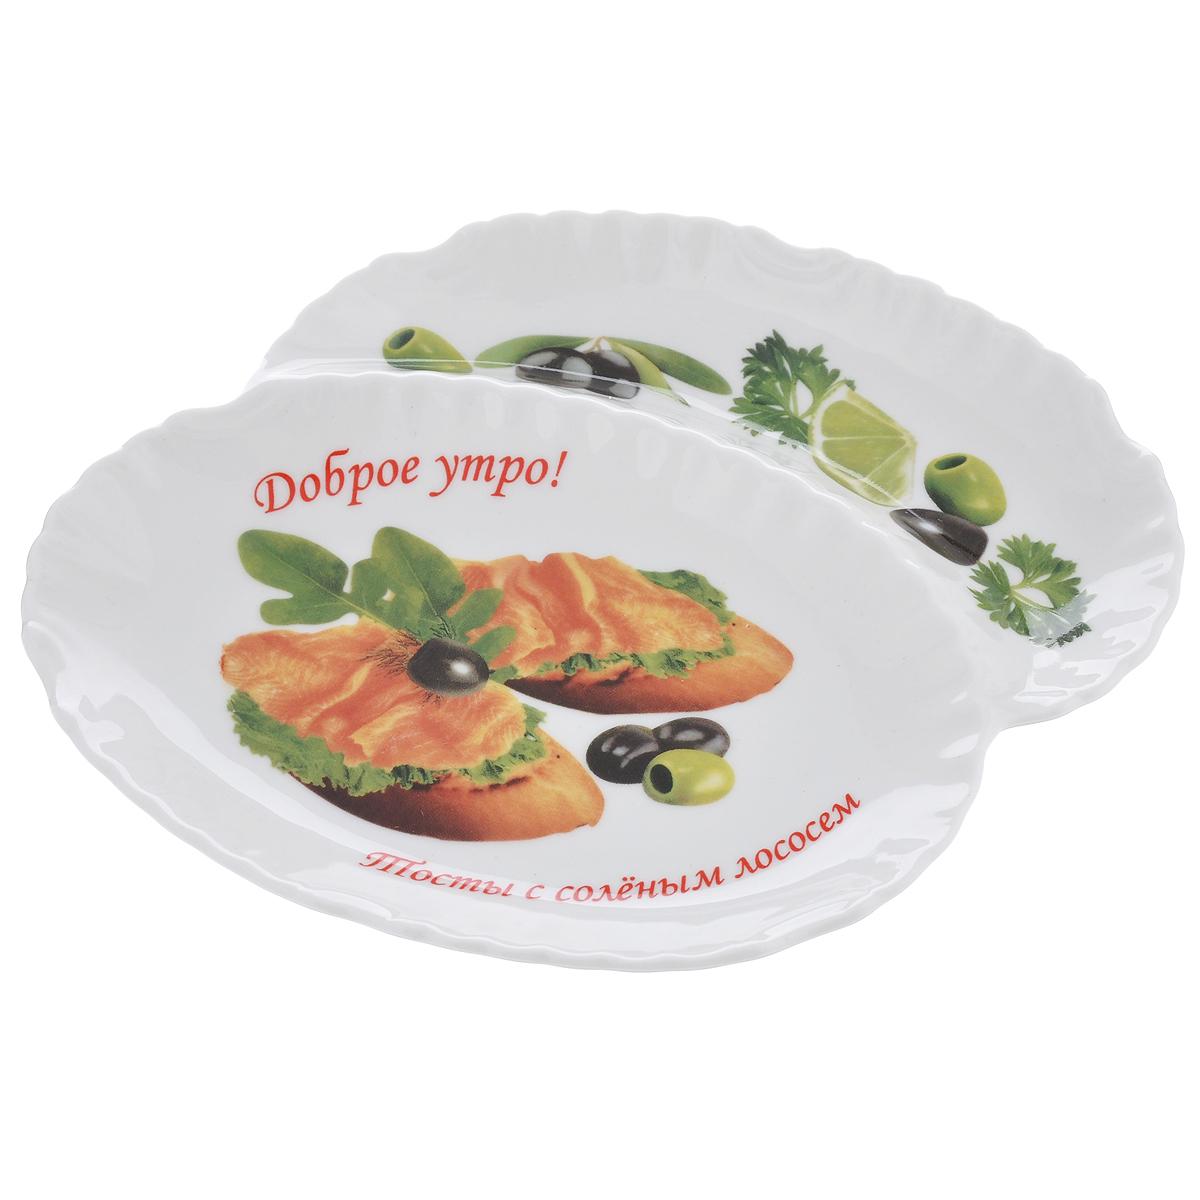 Менажница LarangE Тосты с соленым лососем, 2 секции